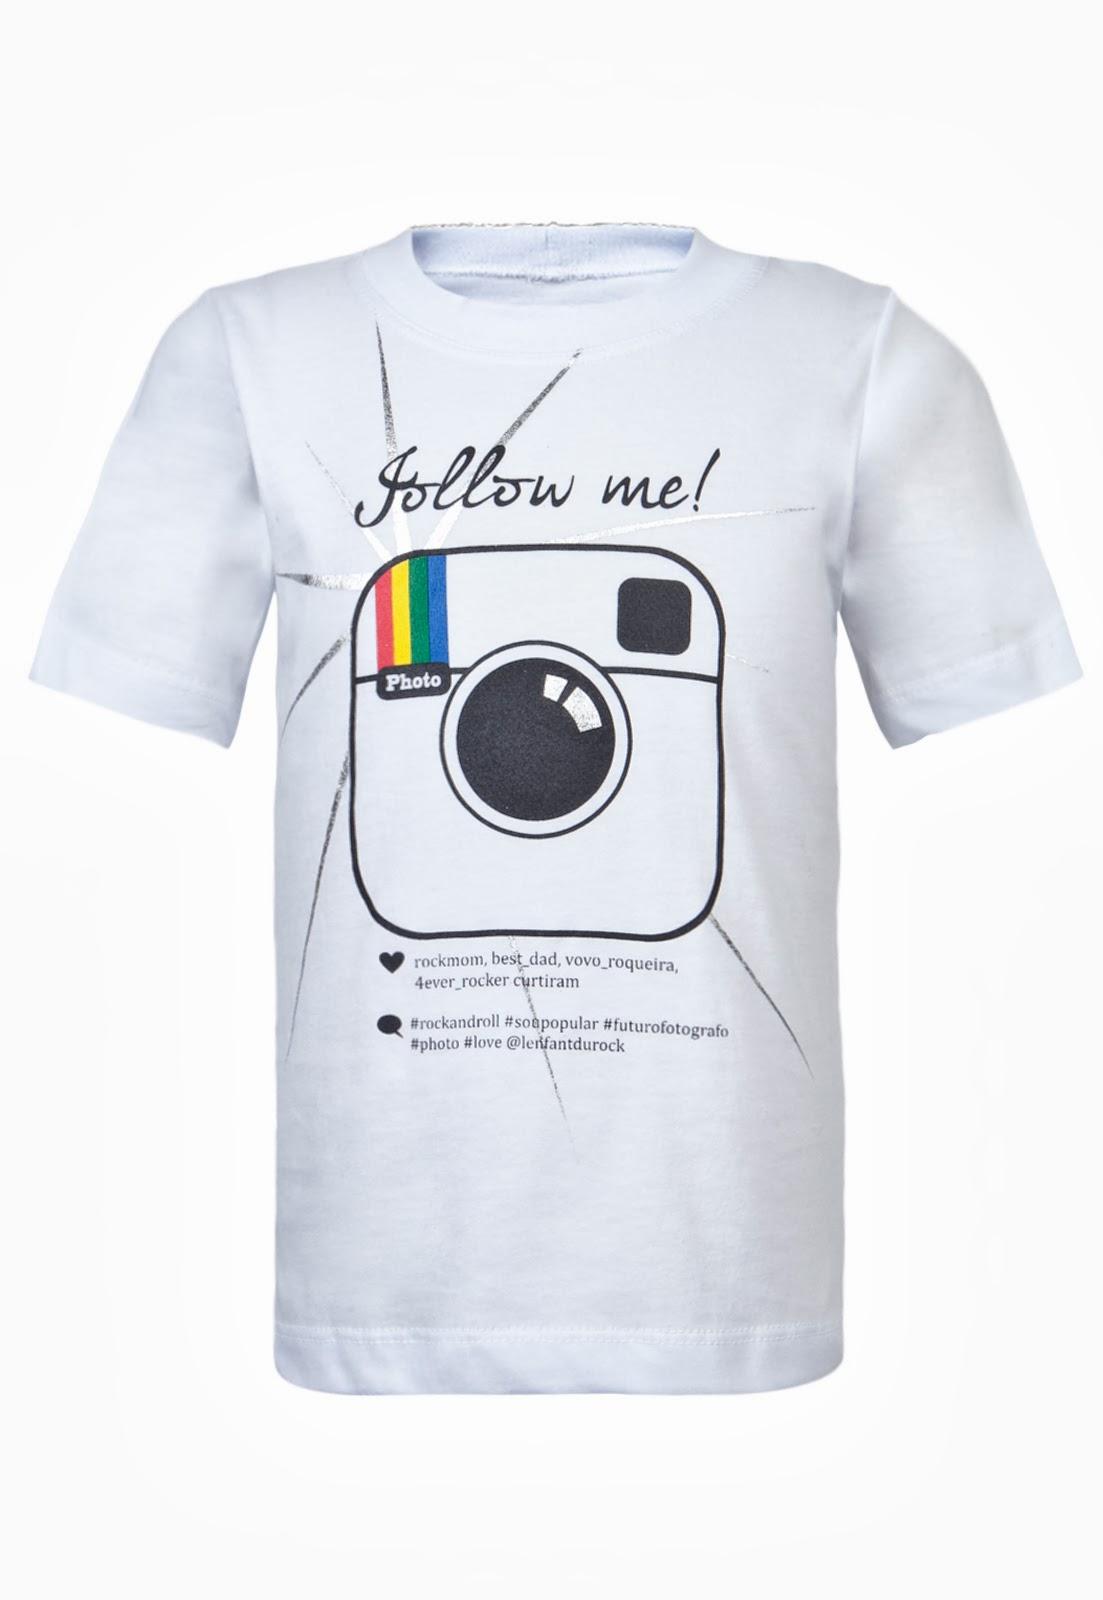 Camisetas rede social promoção